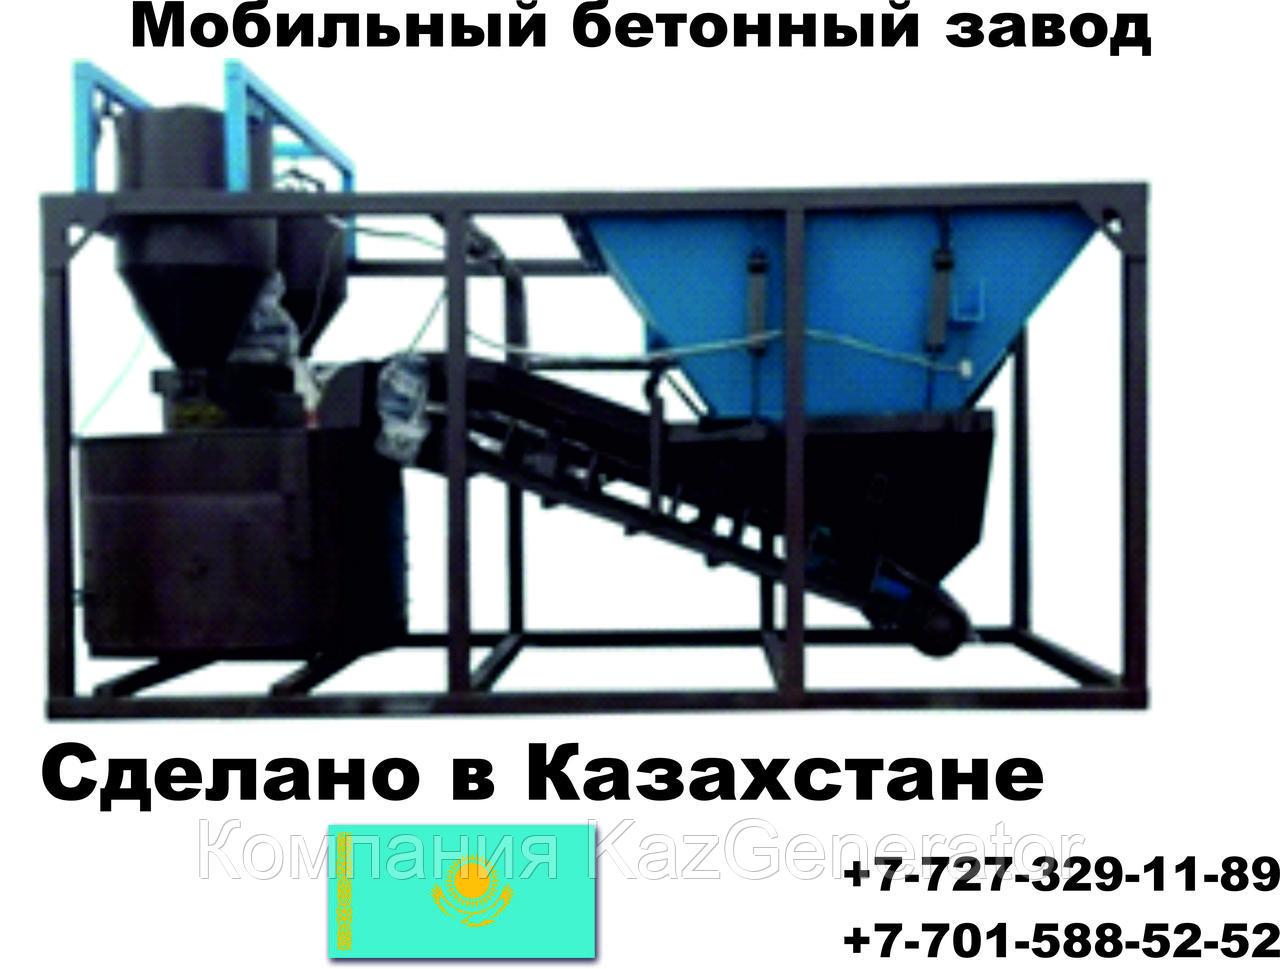 Мобильный бетонный завод БСУ 20 М